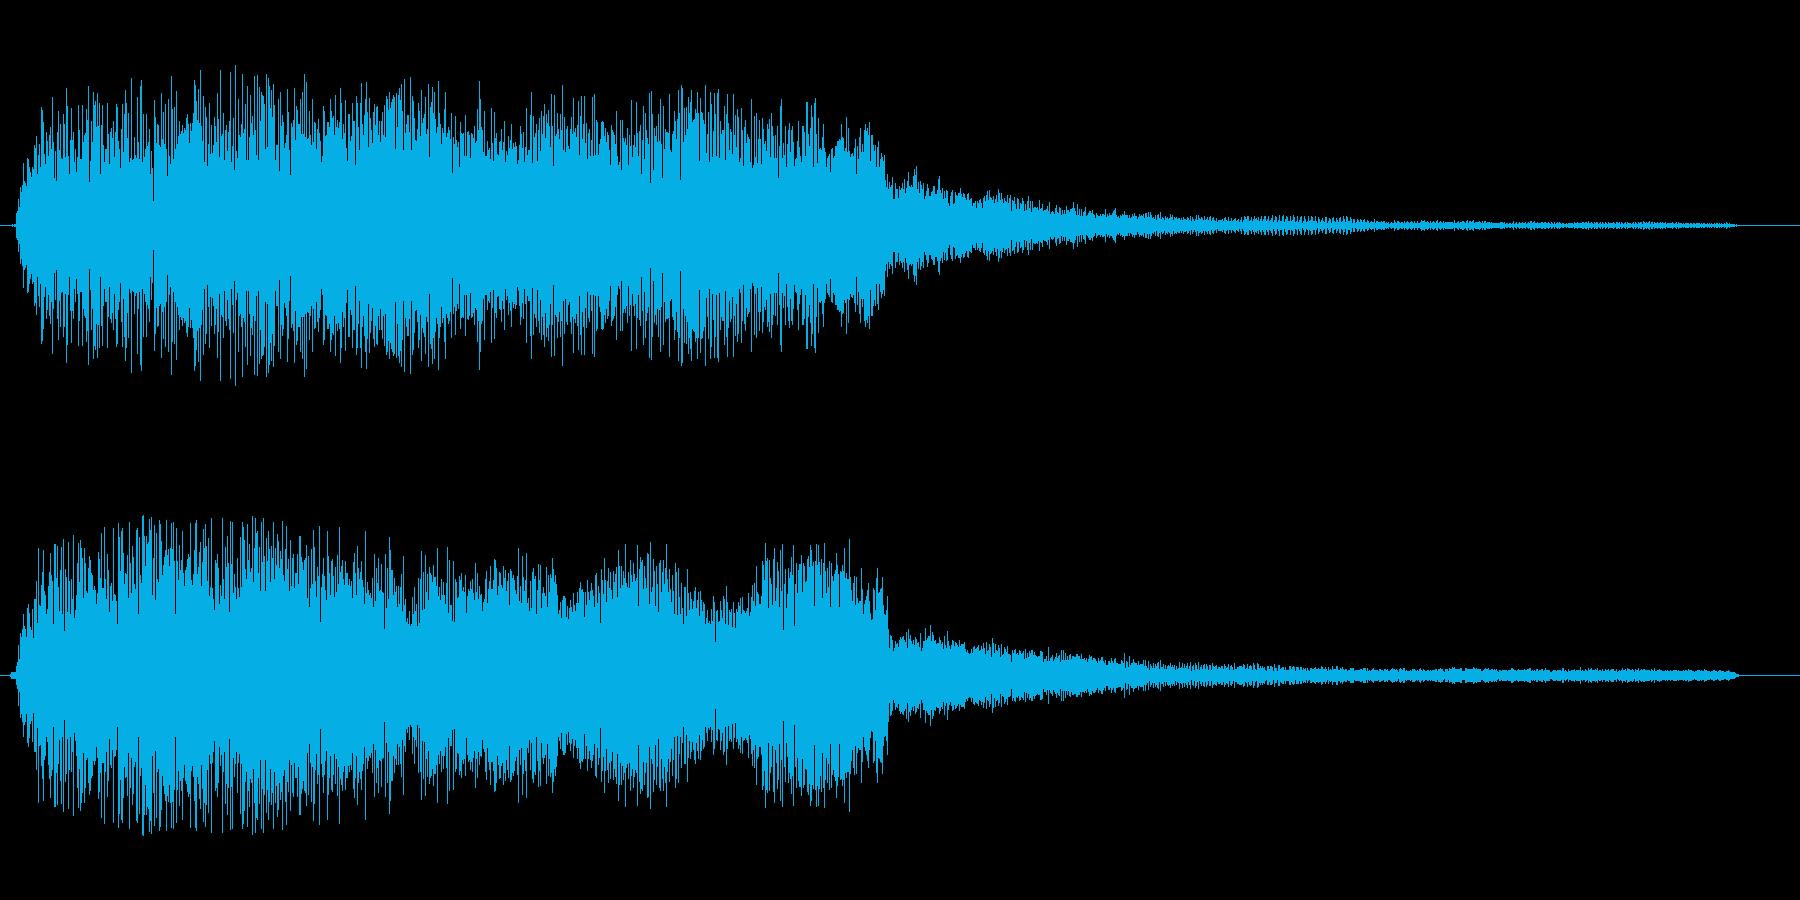 ブワ〜↑ン(上がる音)の再生済みの波形